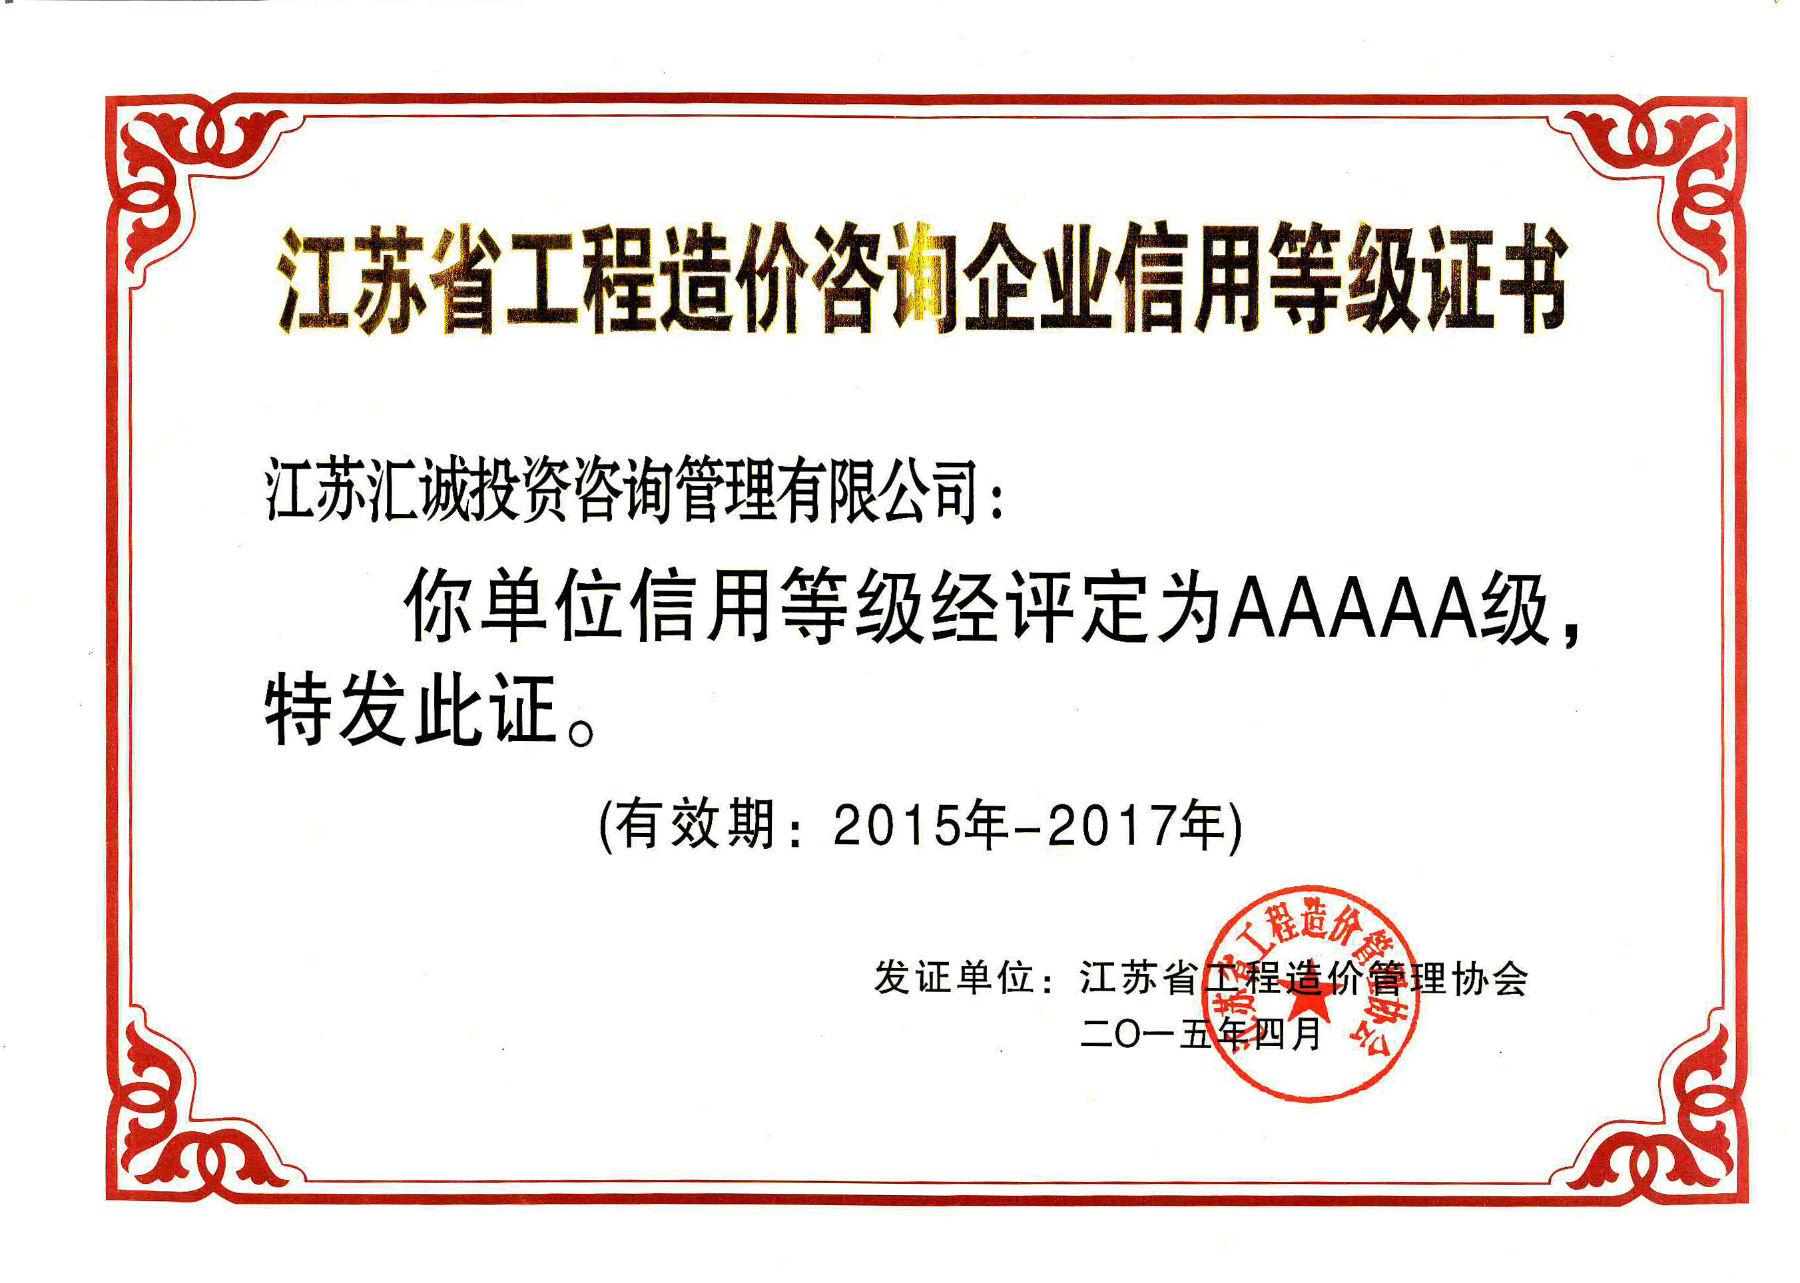 汇诚荣获2012-2014年江苏省工程造价咨询企业AAAAA级信用等级证书